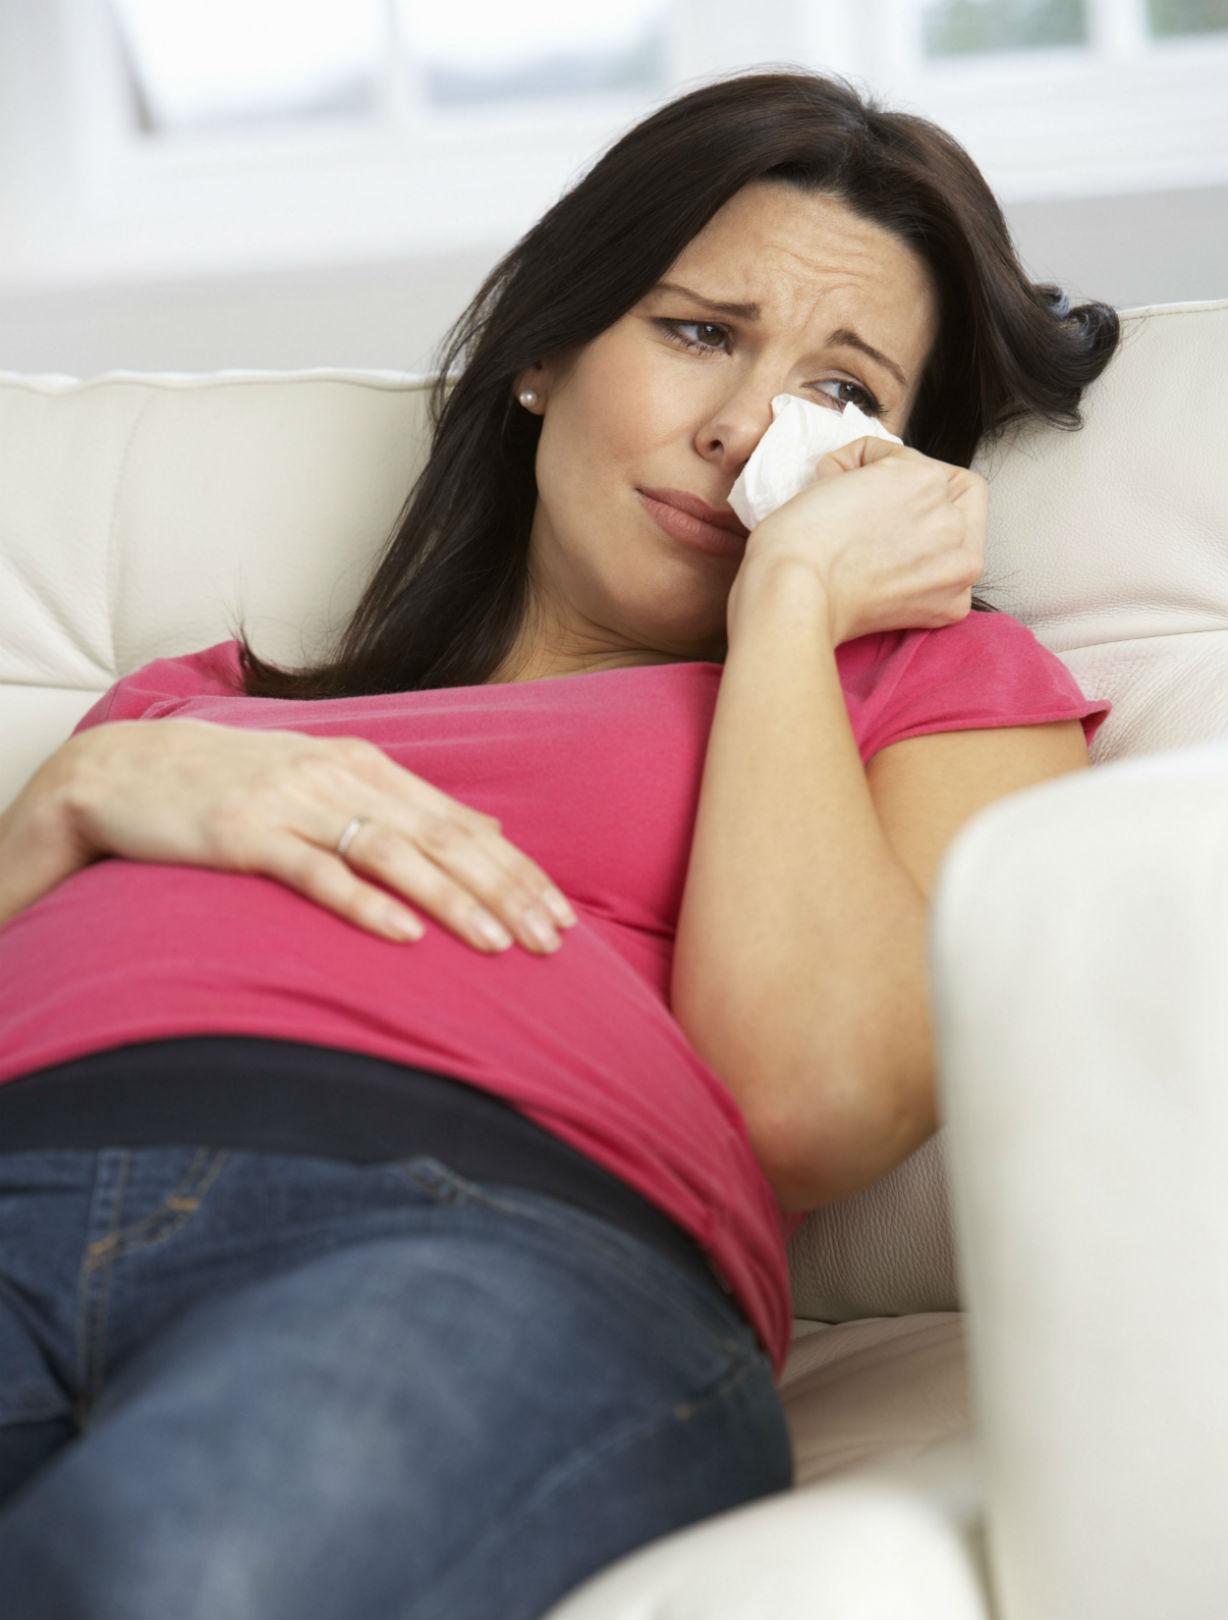 Une femme souffrant de rhume des foins pendant sa grossesse